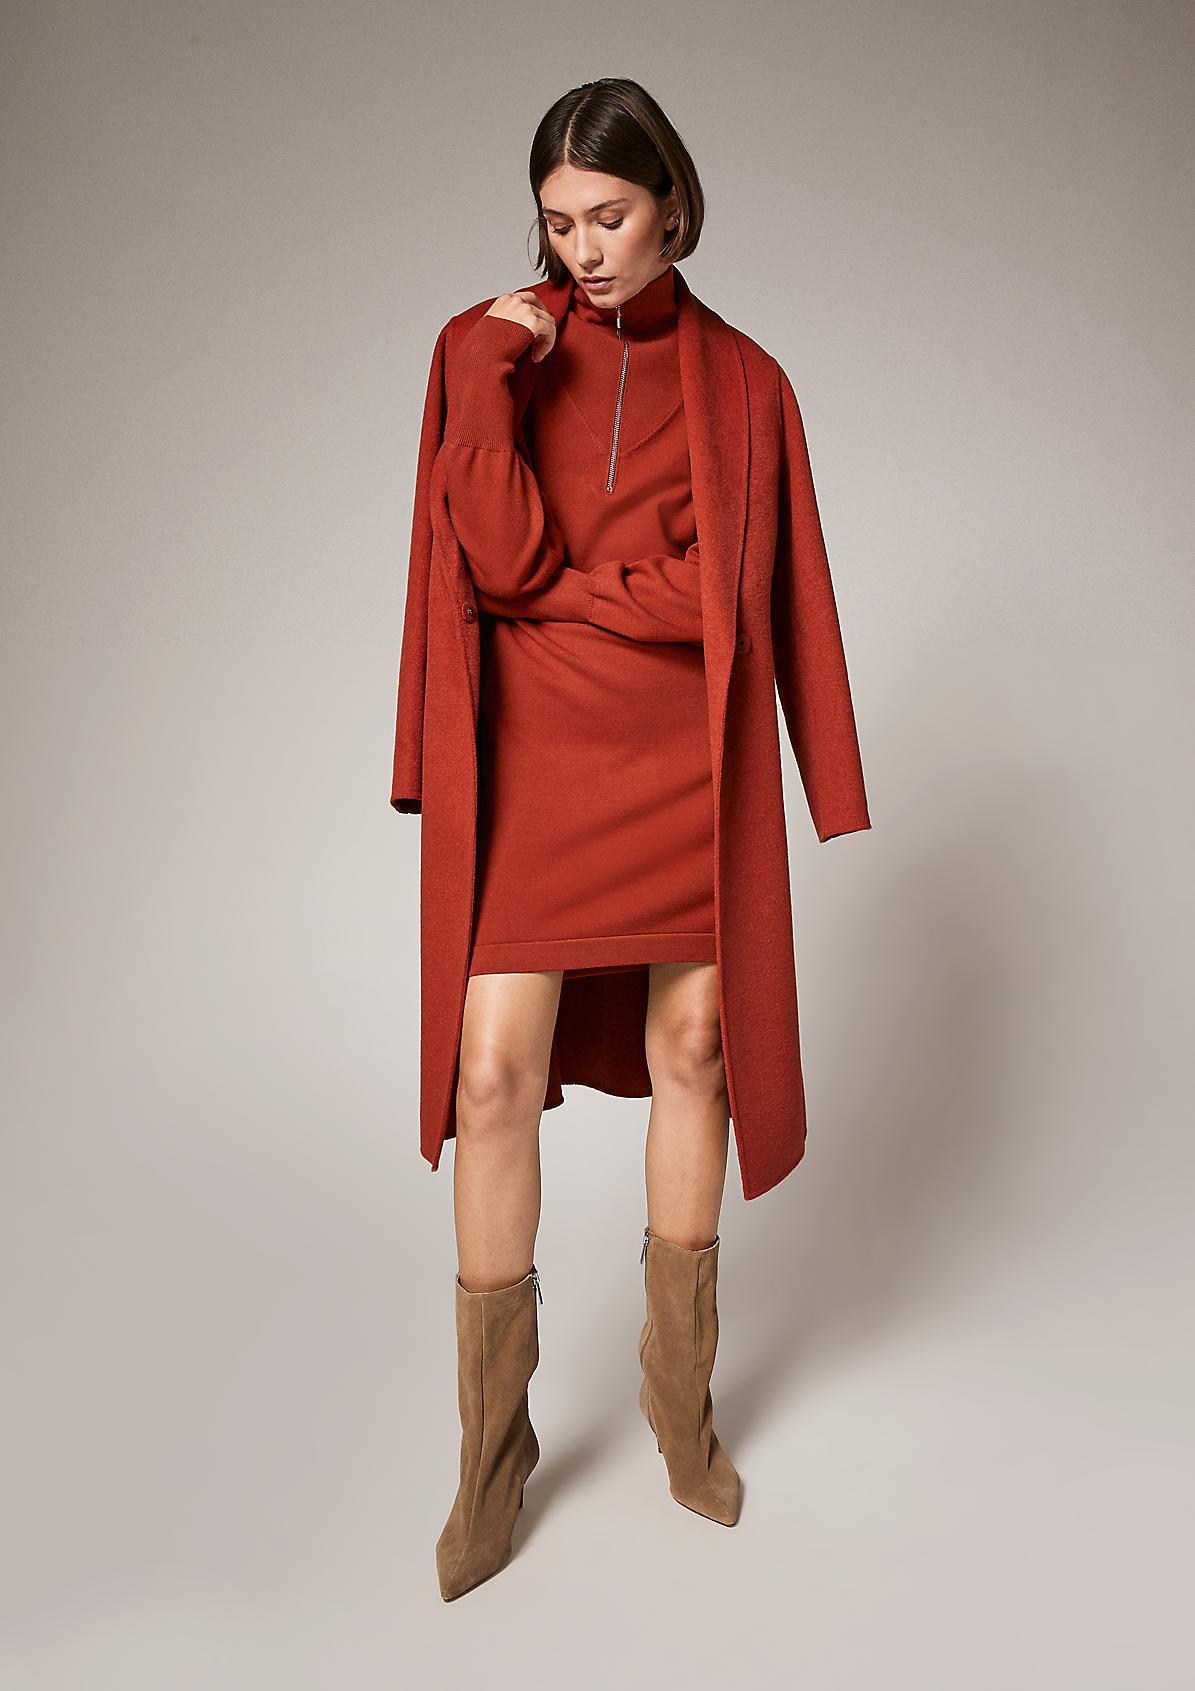 Kleid mit Troyer-Ausschnitt